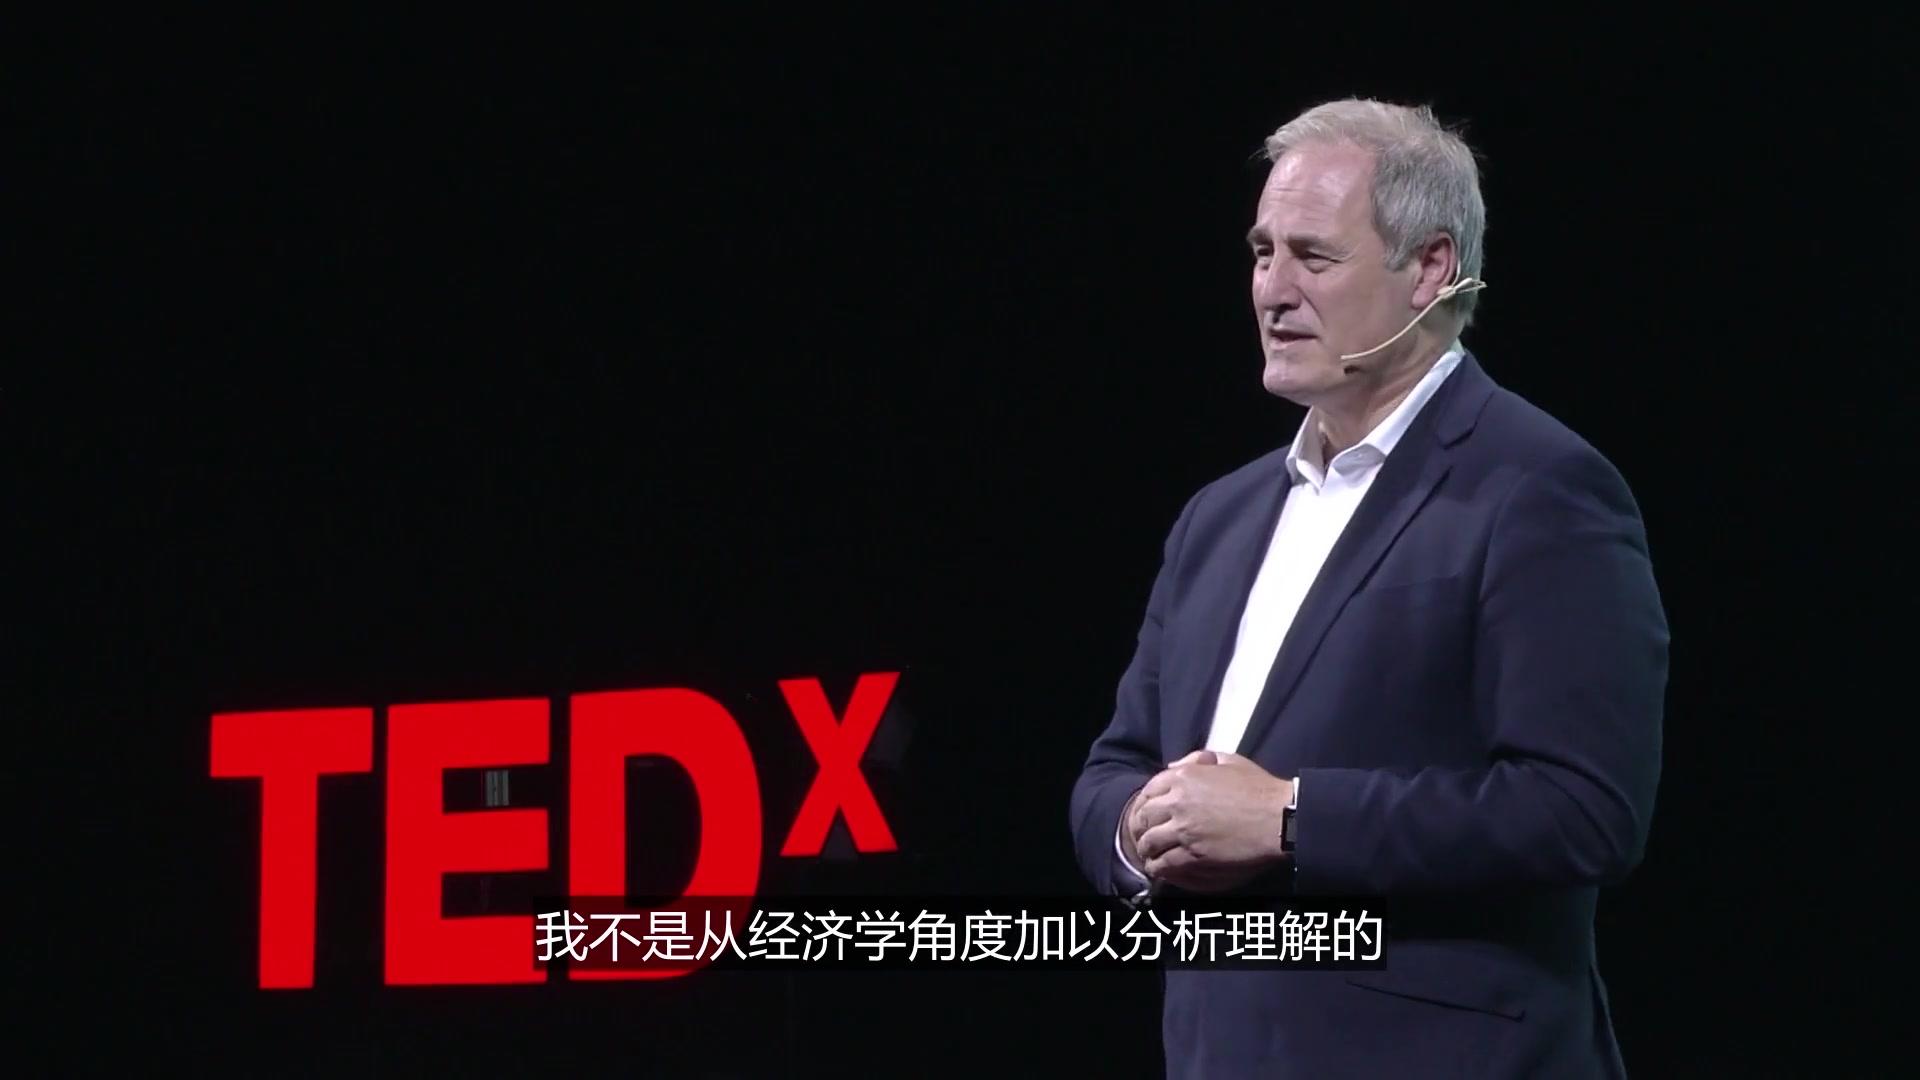 【TED演講】麥克·貝茨:我難忘的一次中國行 下載(AV15579442)---看嗶哩嗶哩-bilibili日報 視頻下載